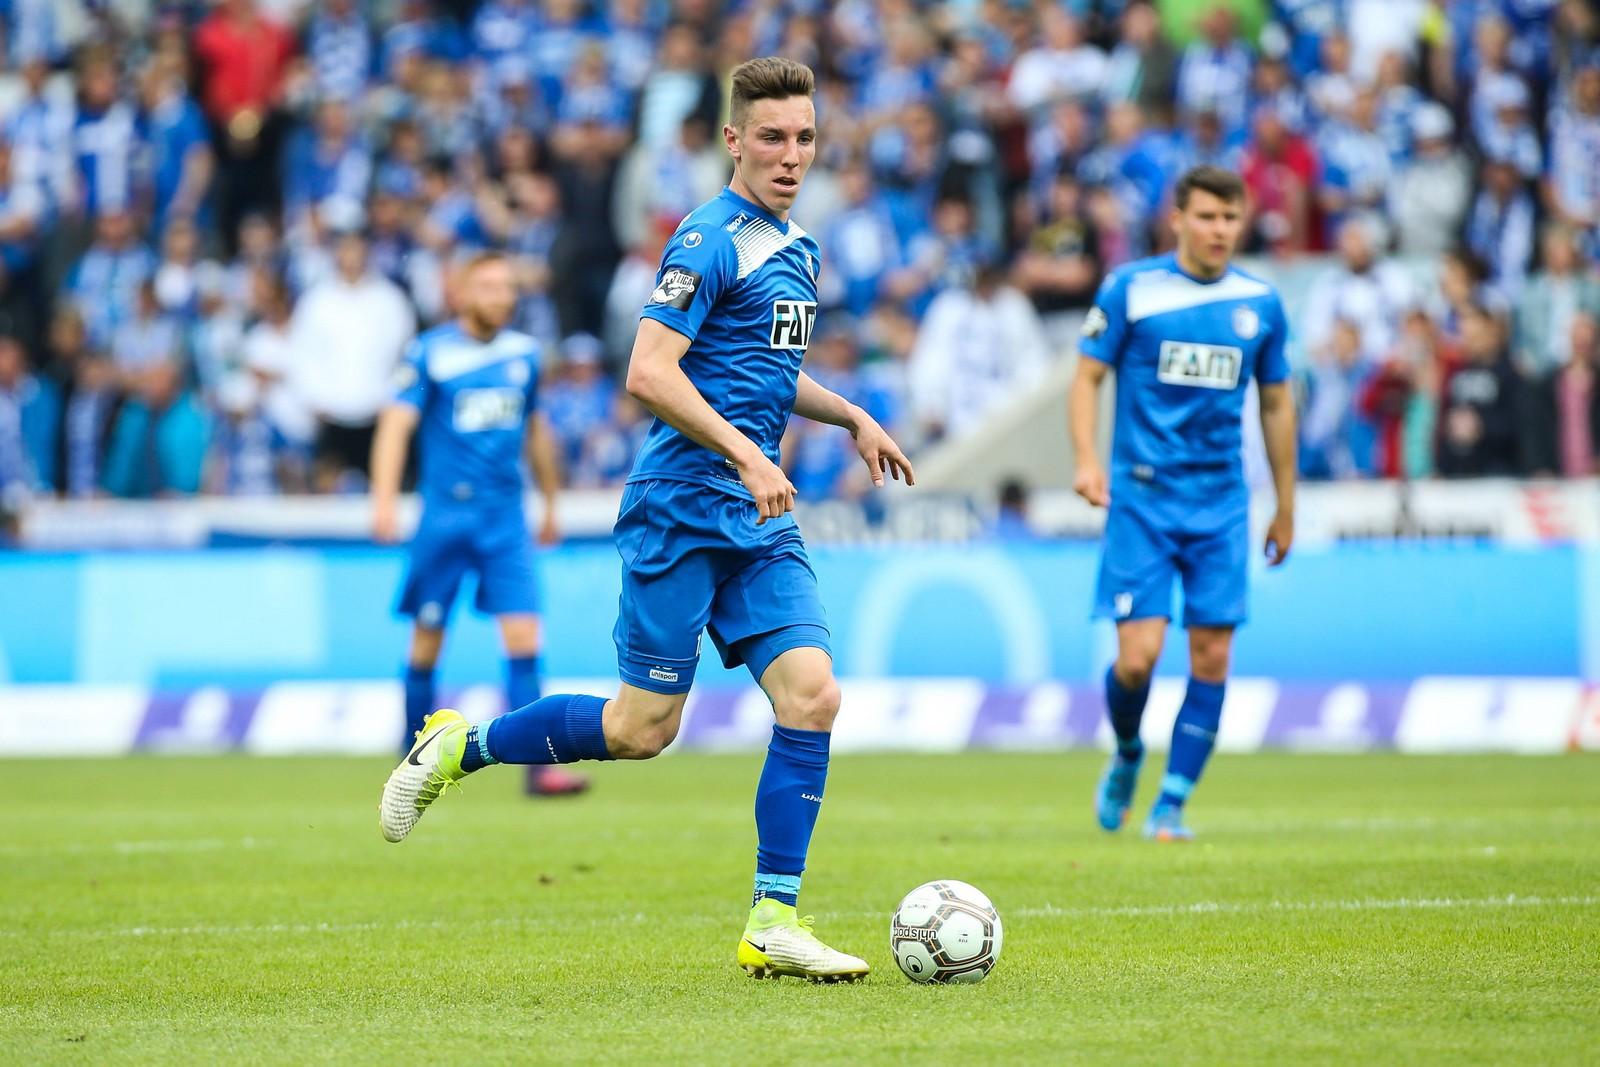 Florian Kath im Spiel gegen die Sportfreunde Lotte.